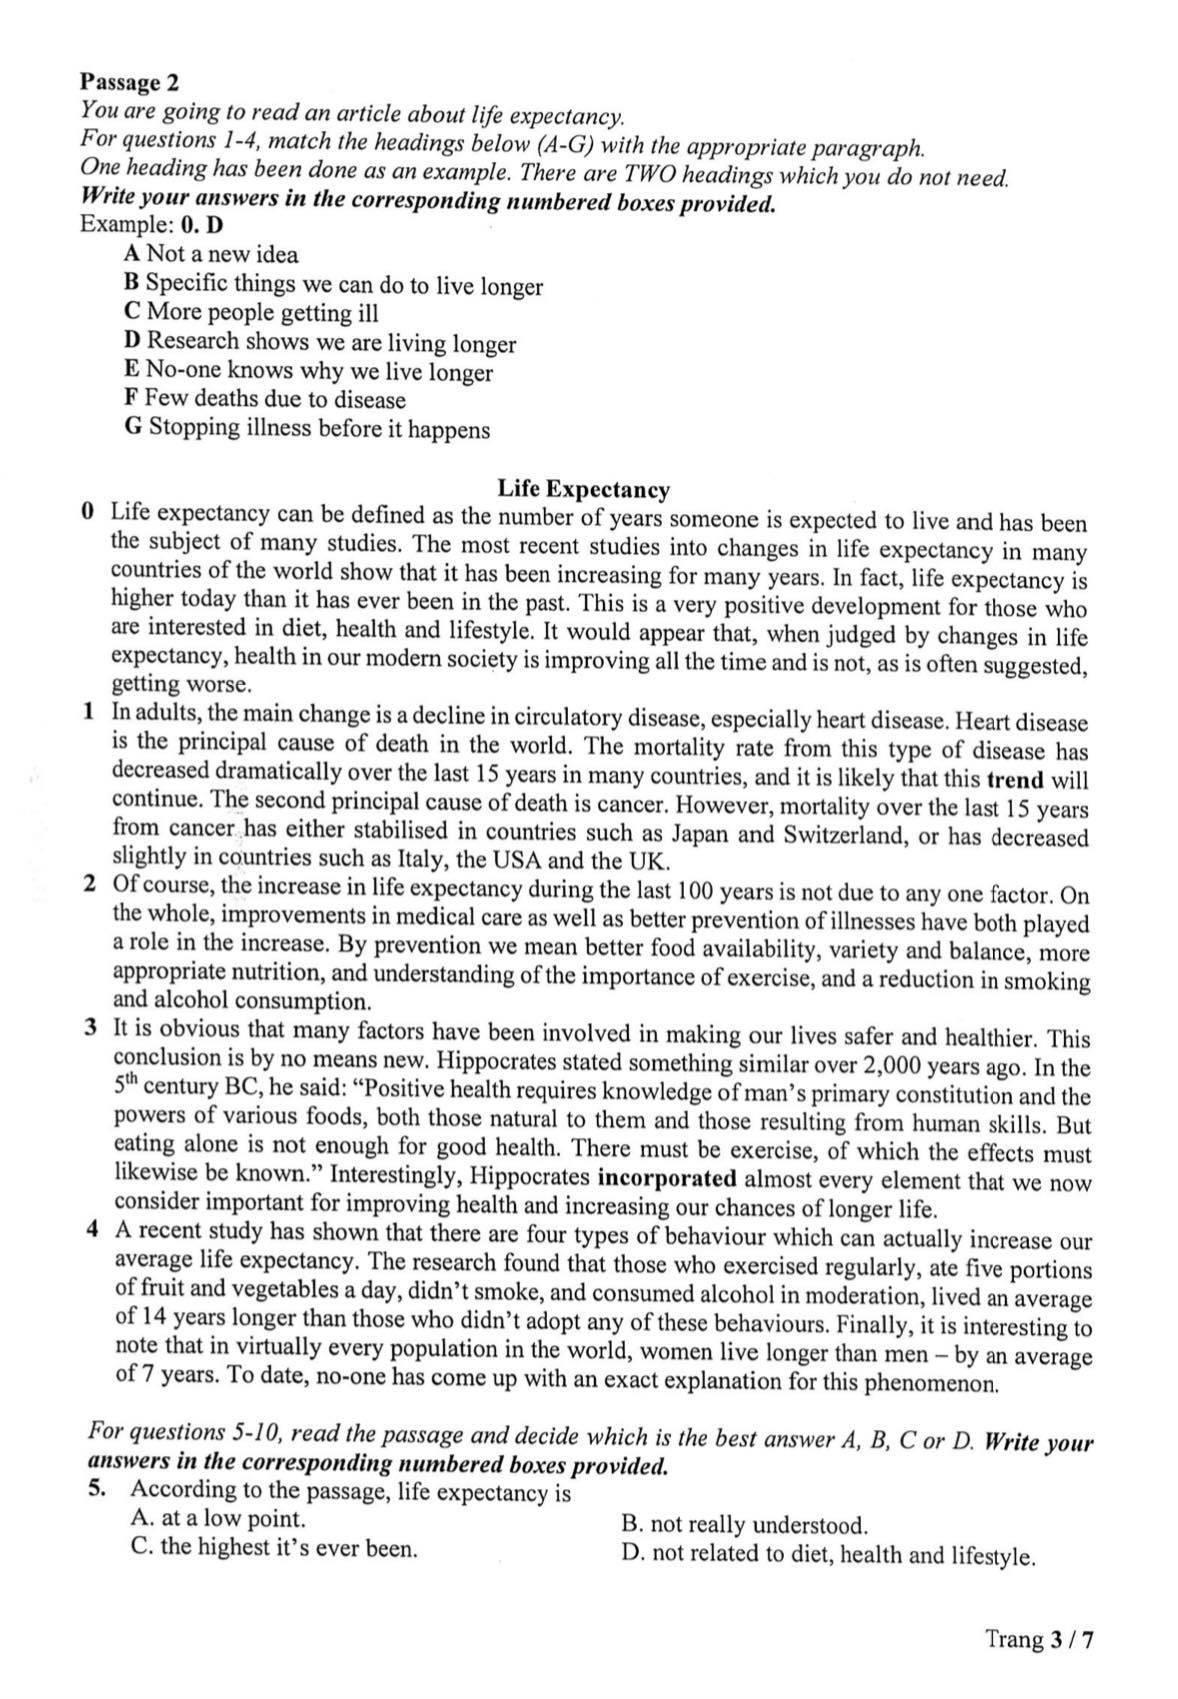 Trường Phổ thông năng khiếu công bố đề thi vào lớp 10